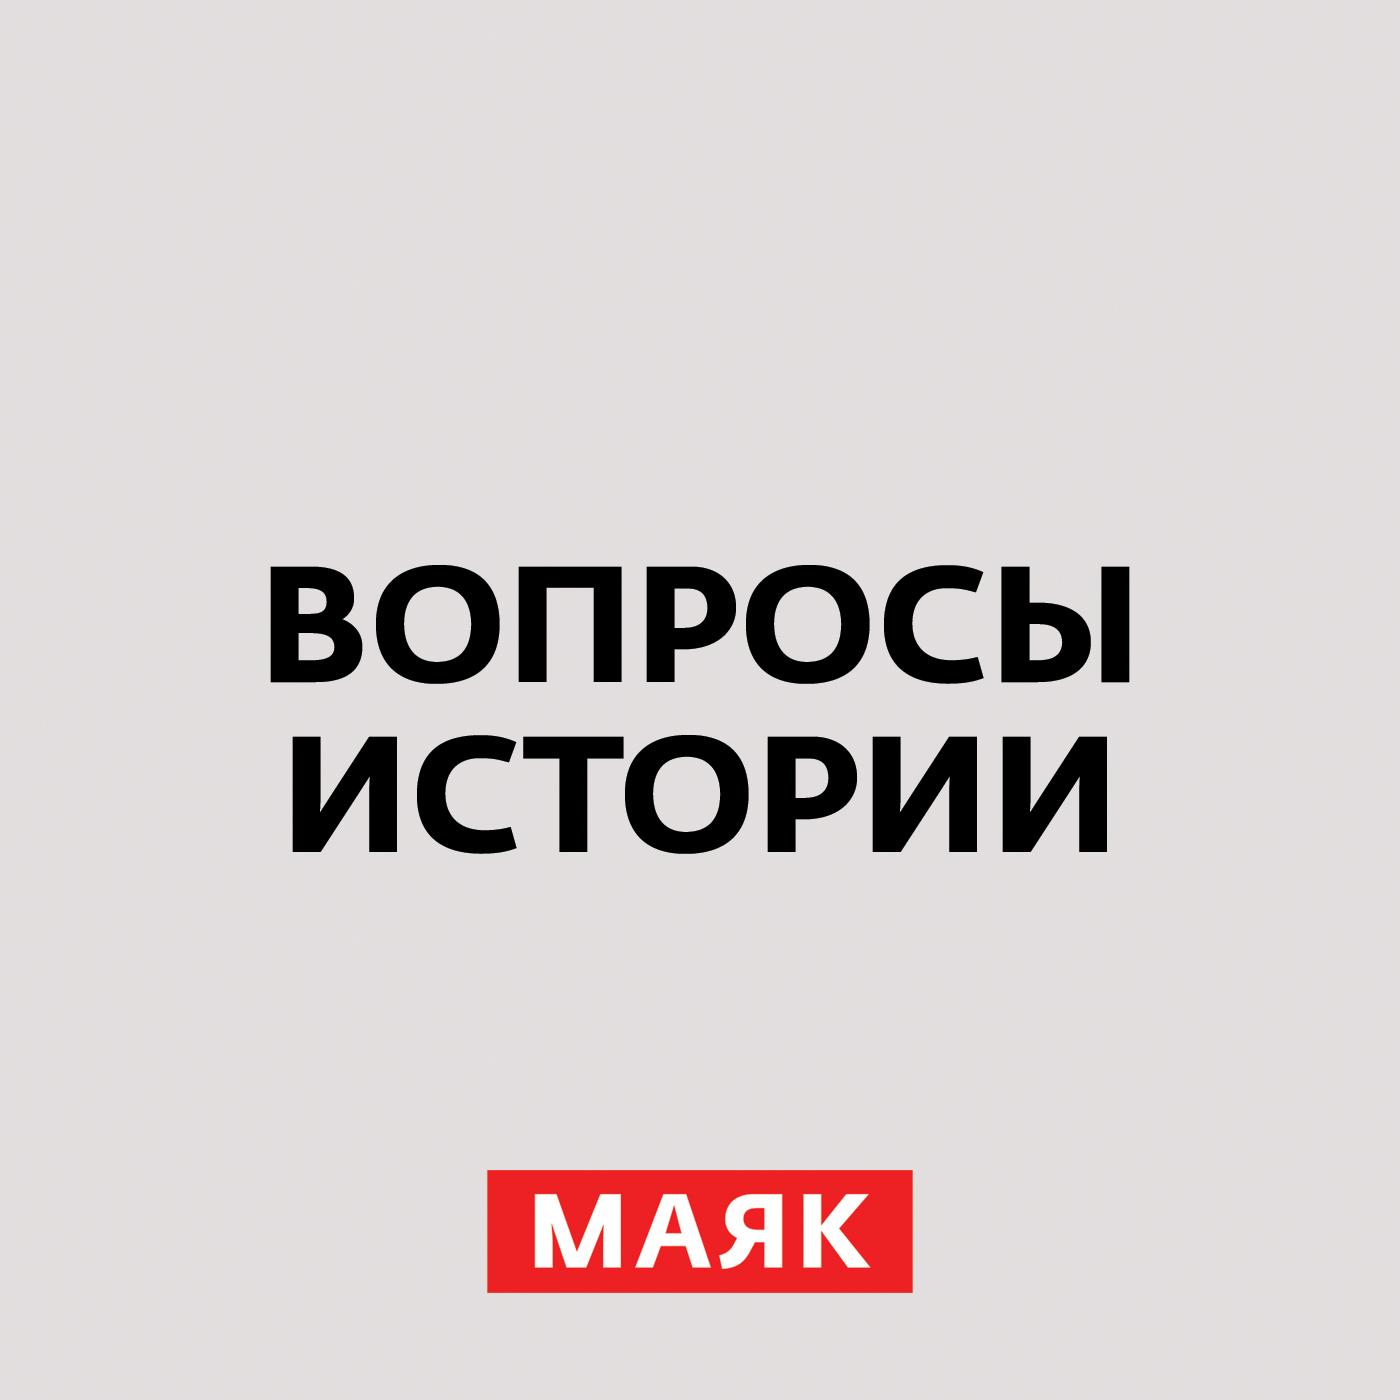 Андрей Светенко Союз людей разных сословий достоин праздника. Часть 1 андрей светенко жизнь советских людей в послевоенное время